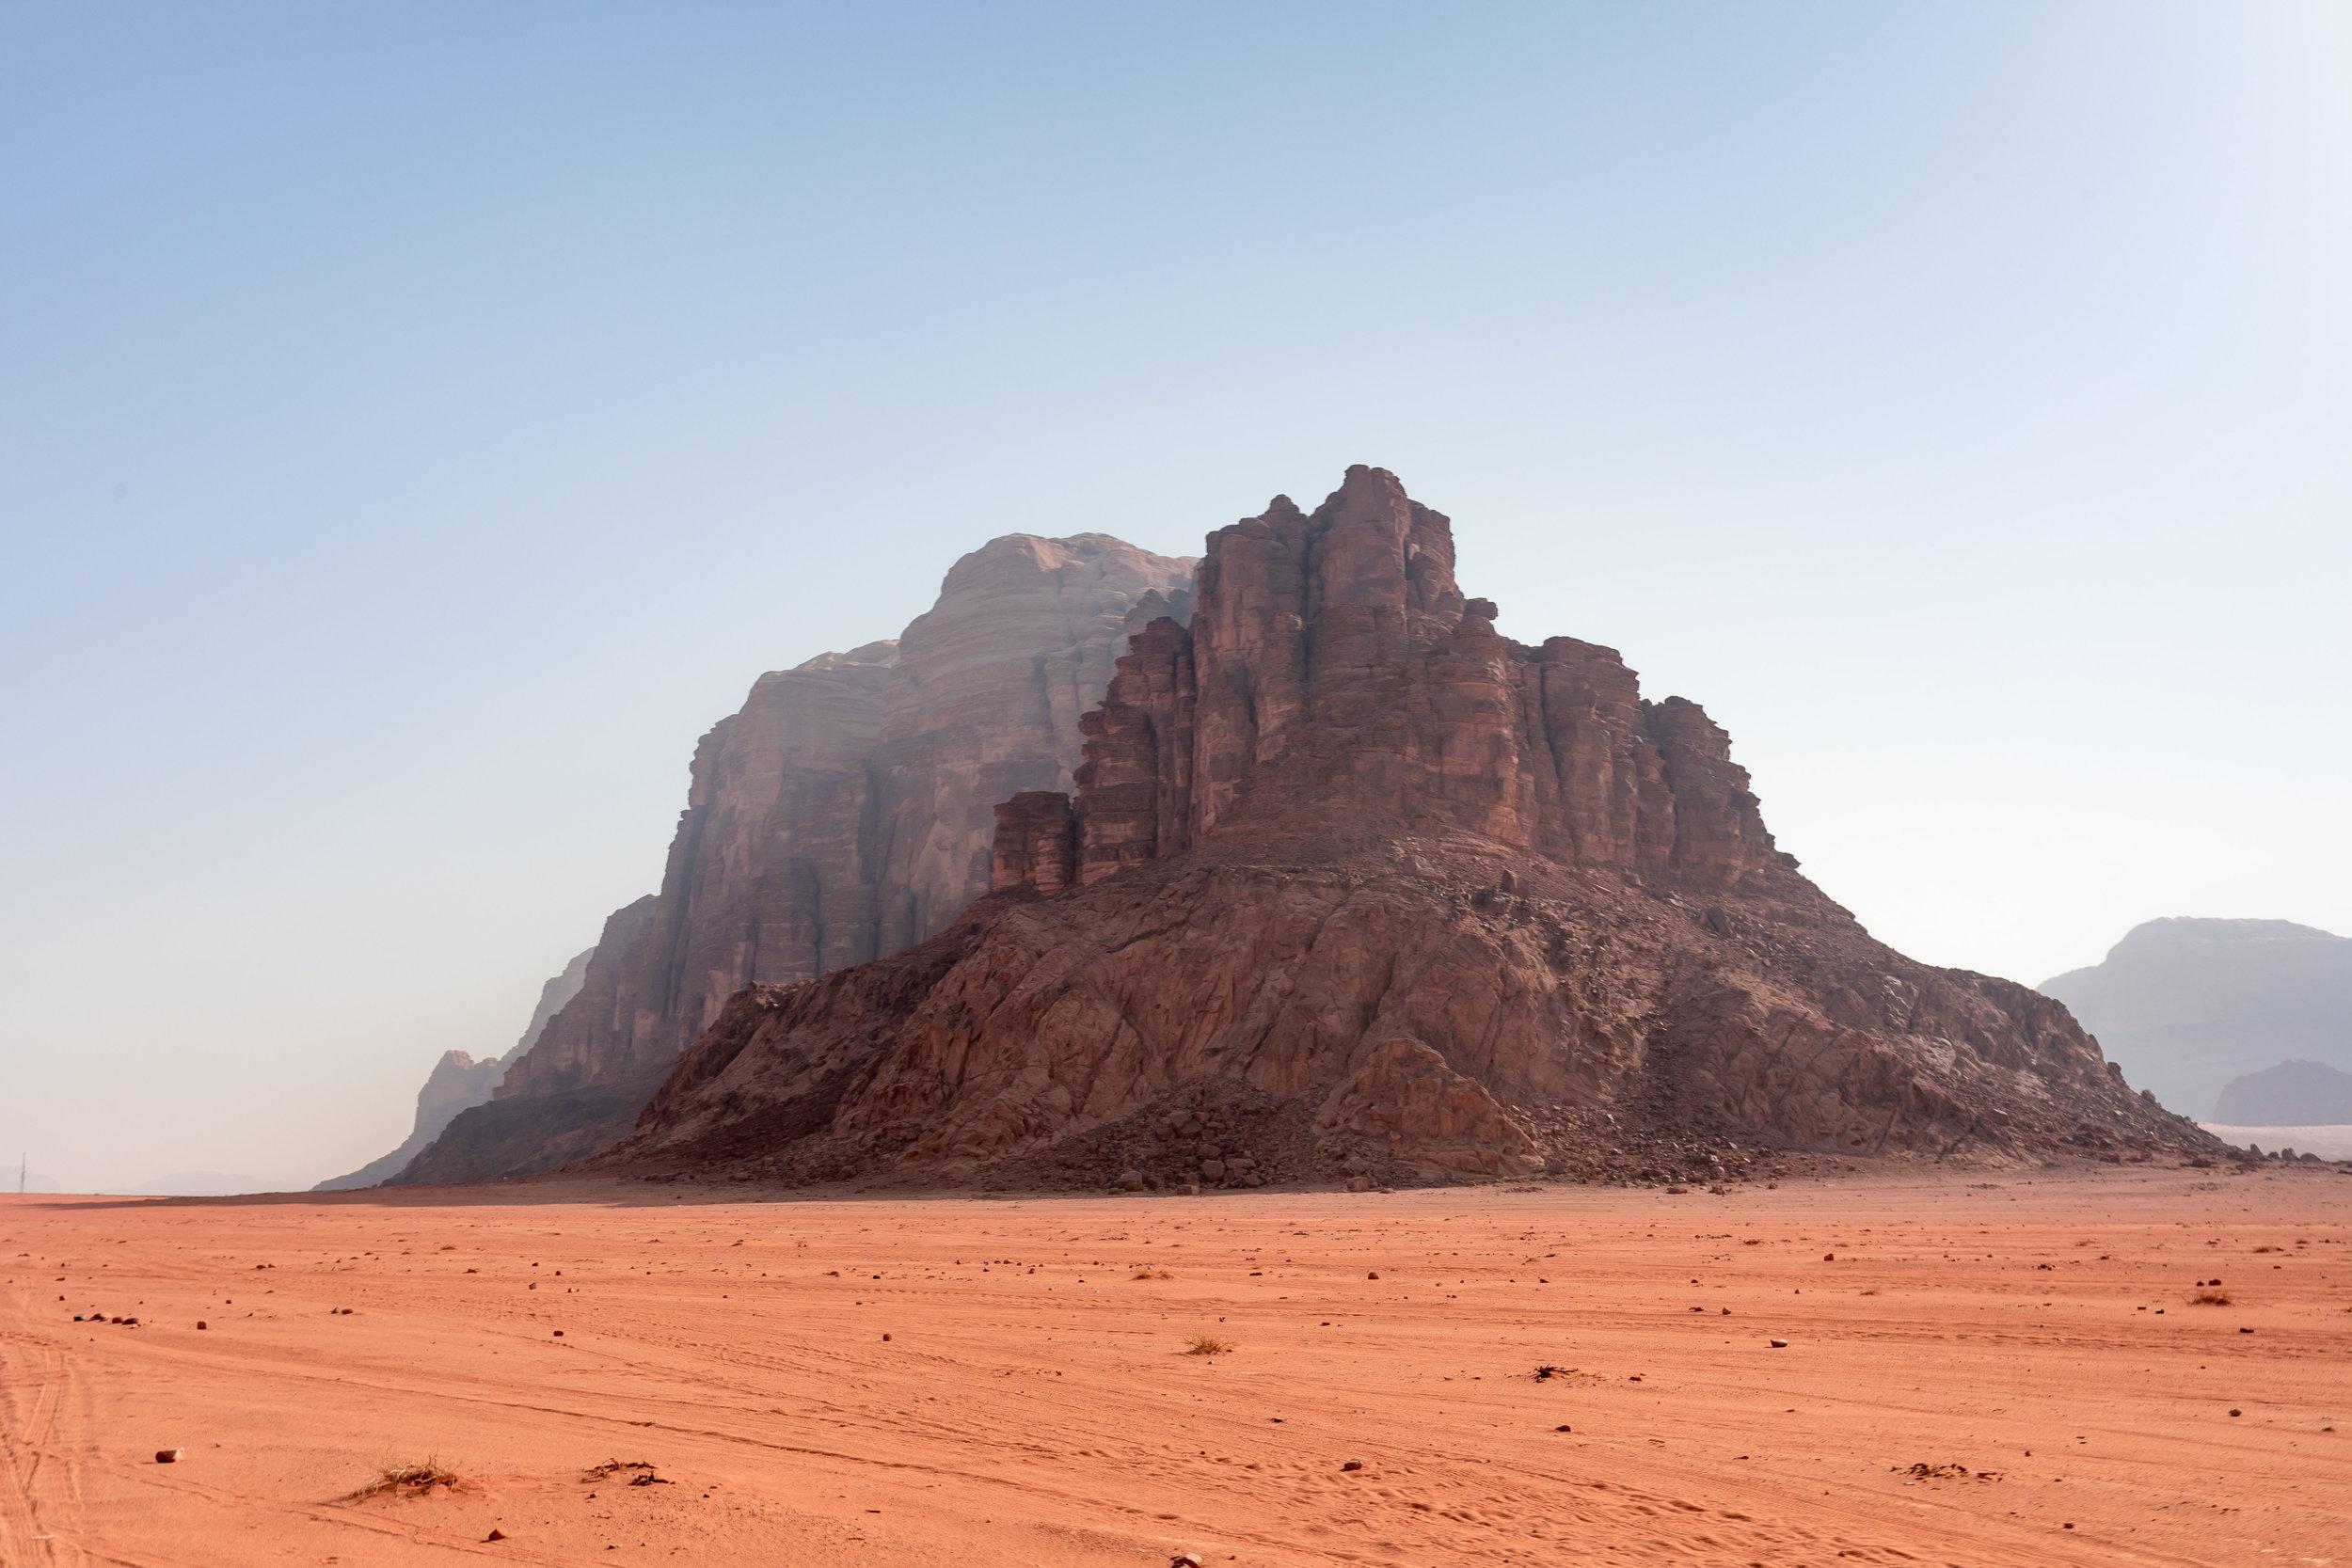 Wadi Rum - The stunning desert